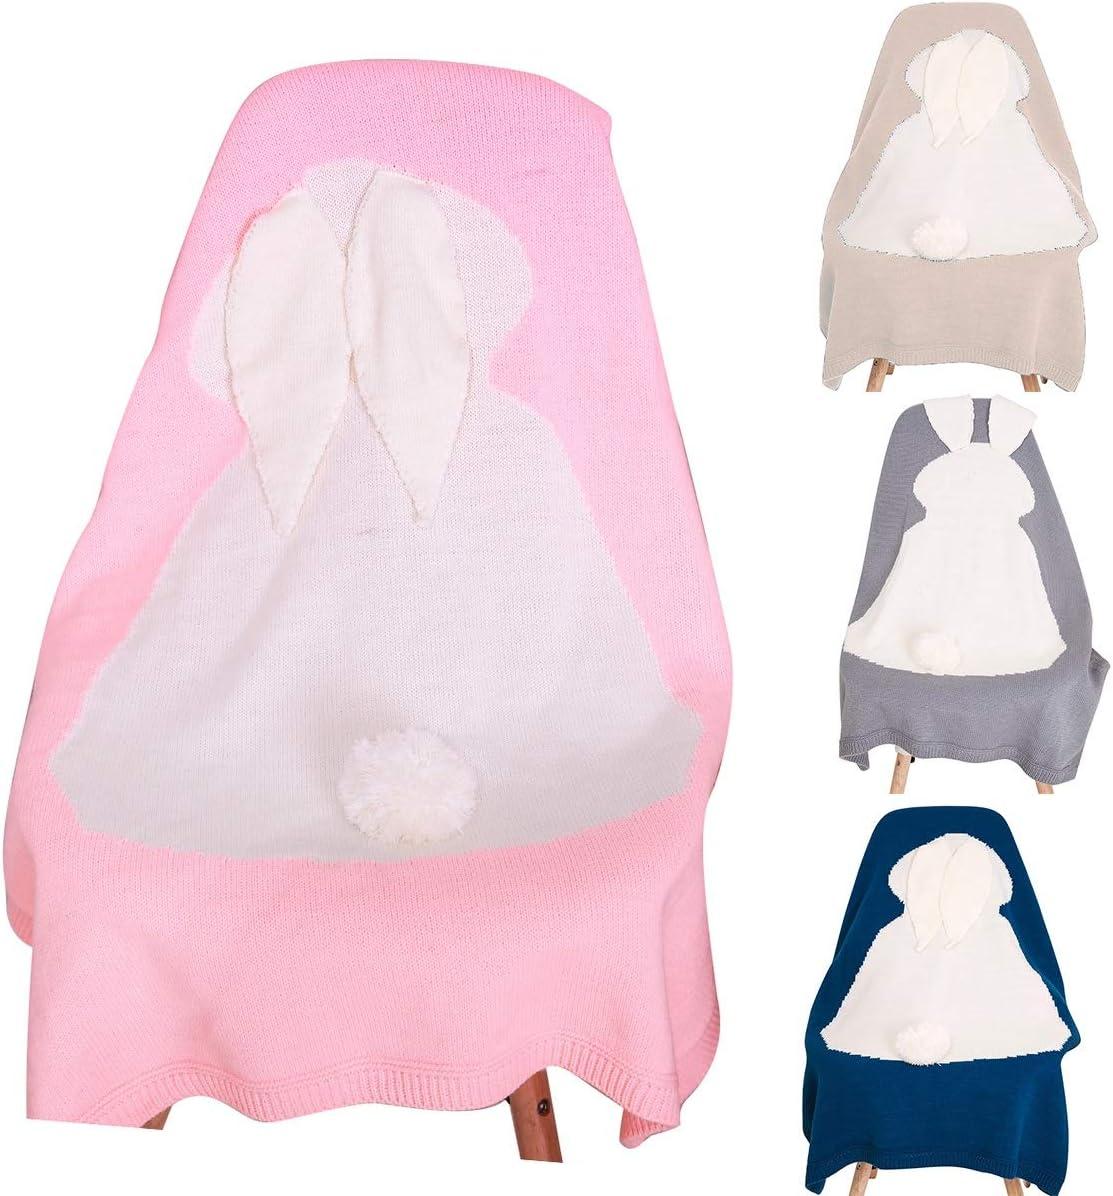 F La Cabina Blanket B/éb/é Blanket Peluche Warm Impression Lapin Mignon Couvertures B/éb/é Petite Couverture de S/écurit/é Serviette de Bain Hiver pour B/éb/é Gar/çon Fille